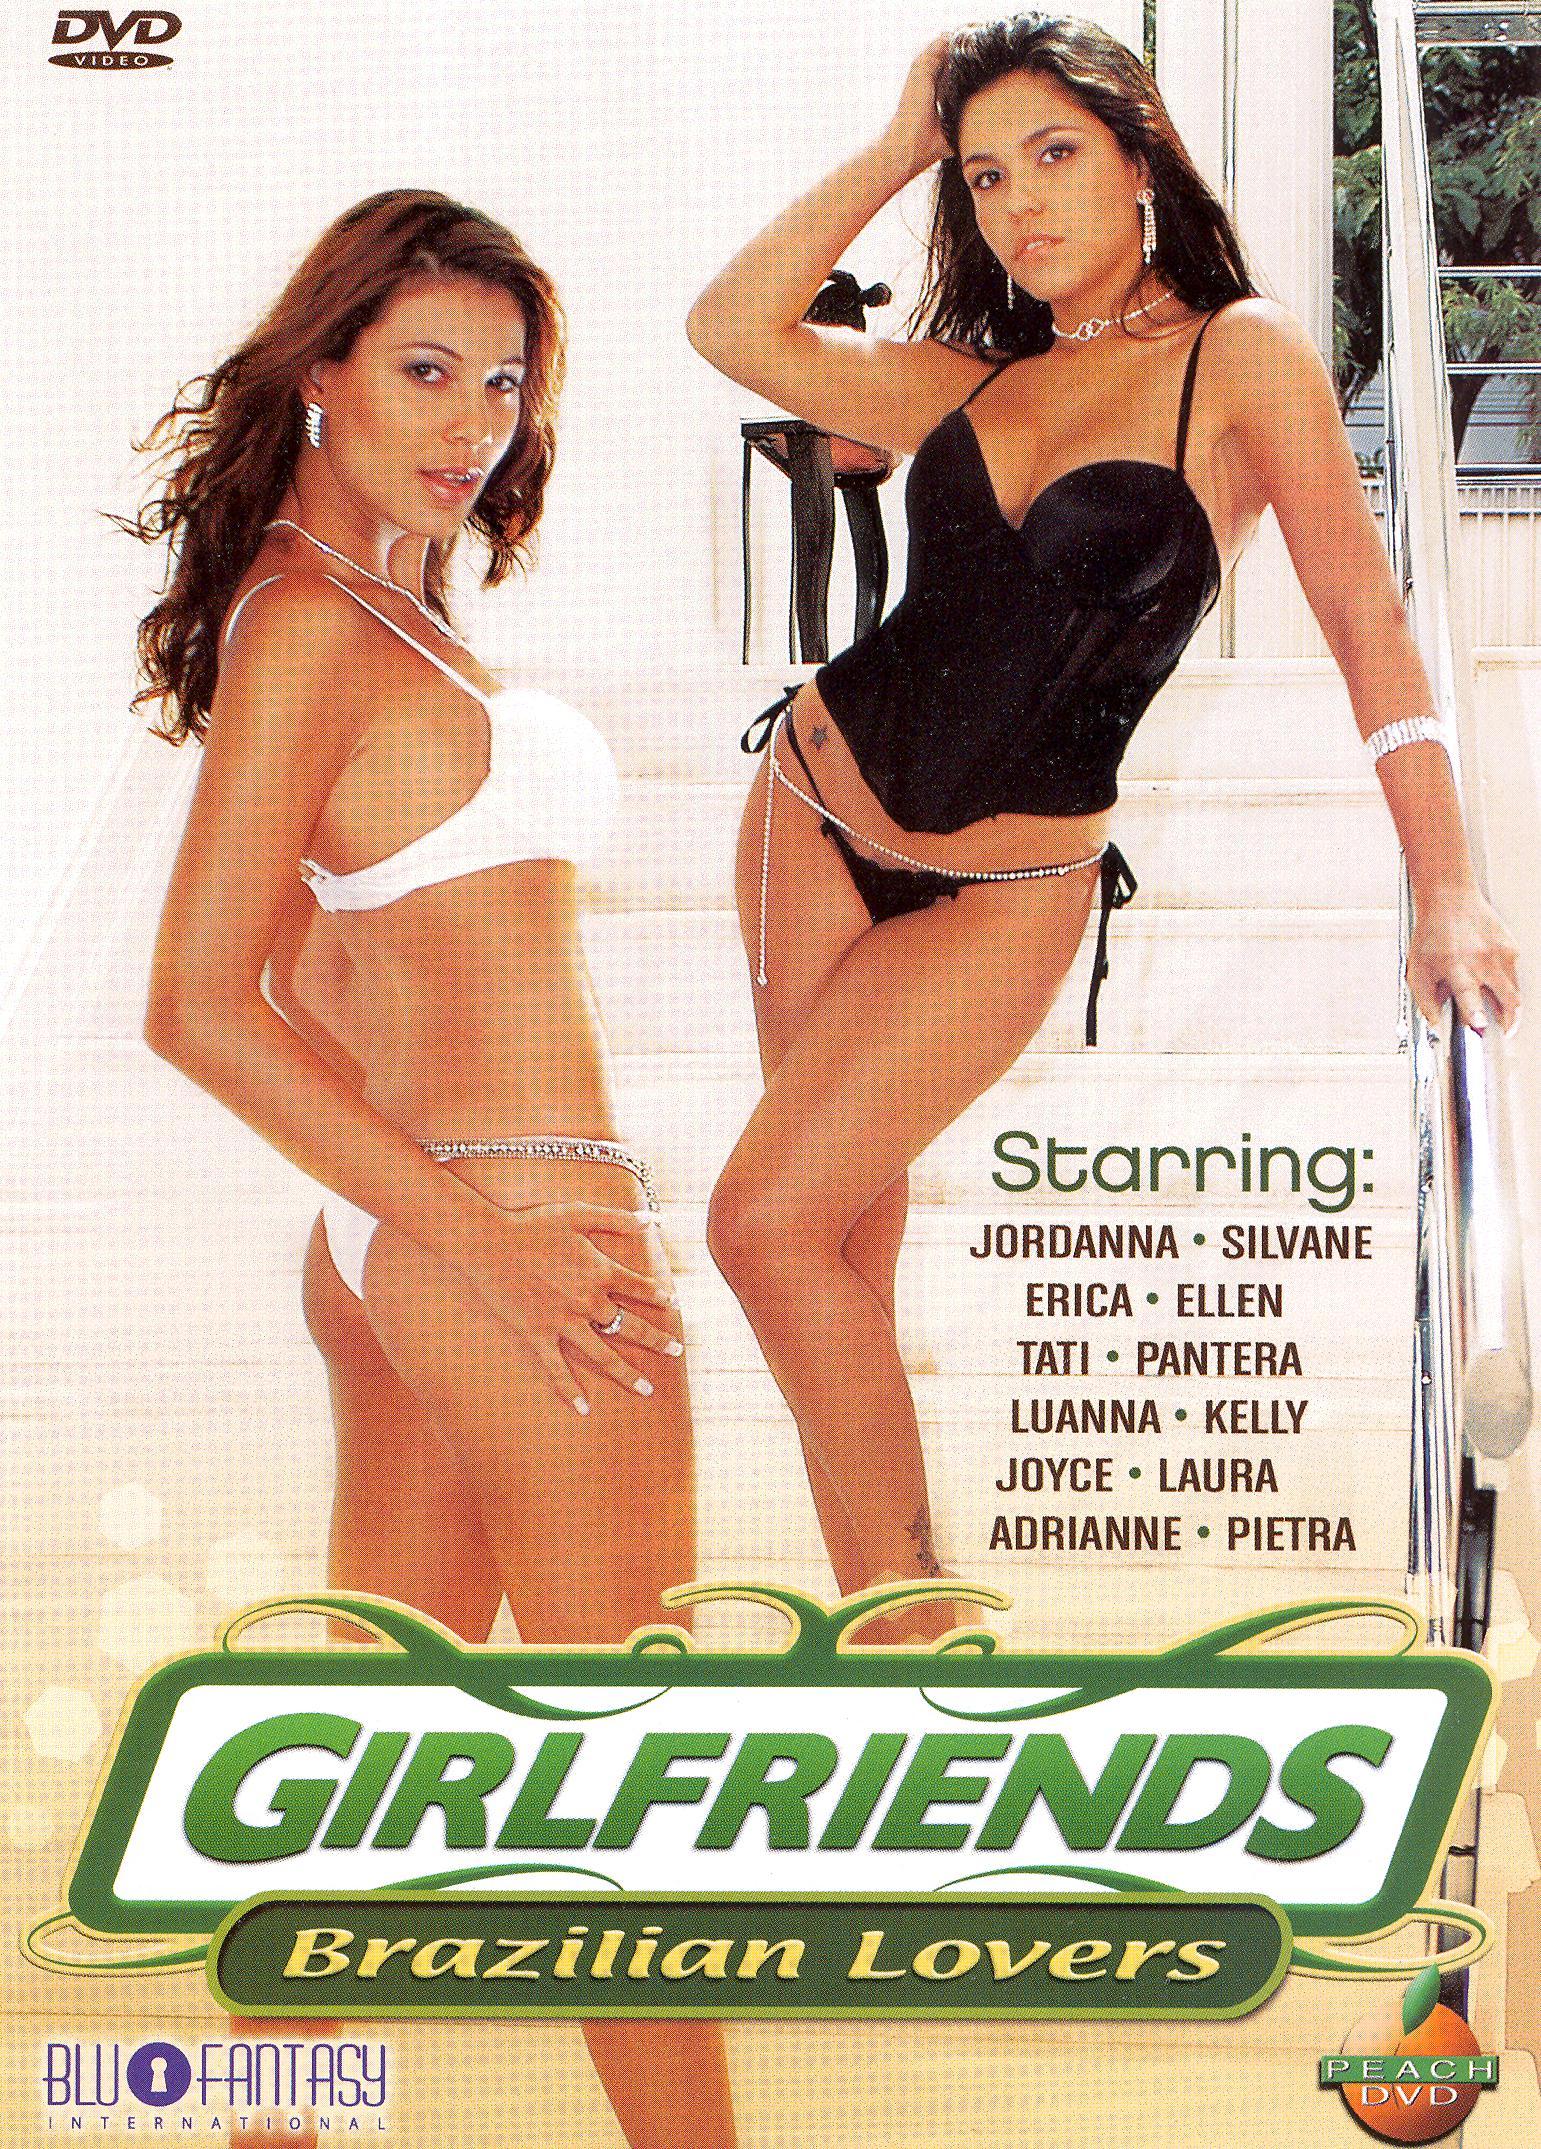 Girlfriend's Brazillian Lovers